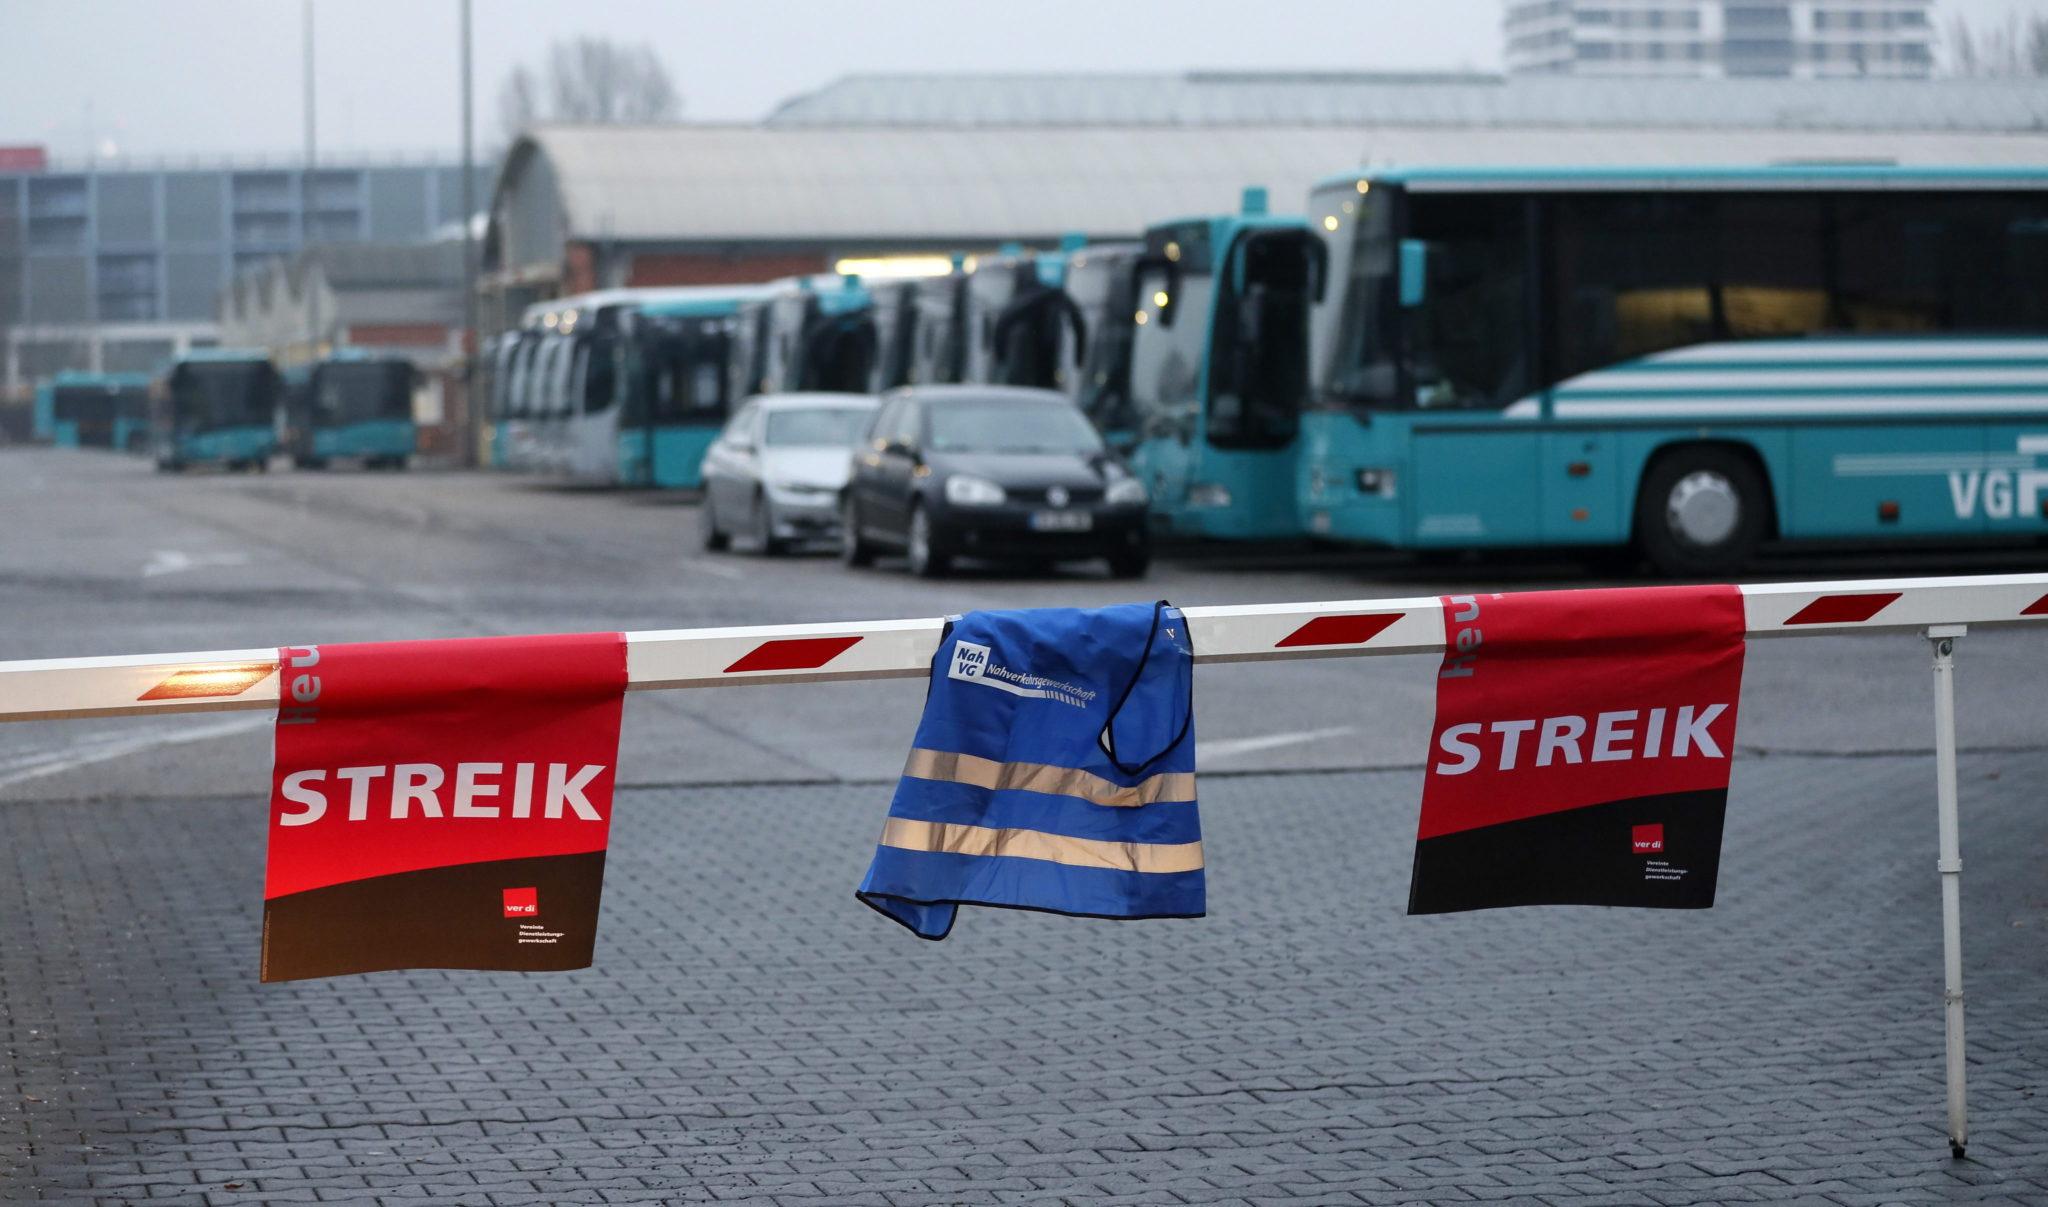 Niemcy: strajk prywatnych przewoźników autobusowych w Frankfurcie nad Menem (foto. PAP/EPA/RONALD WITTEK)